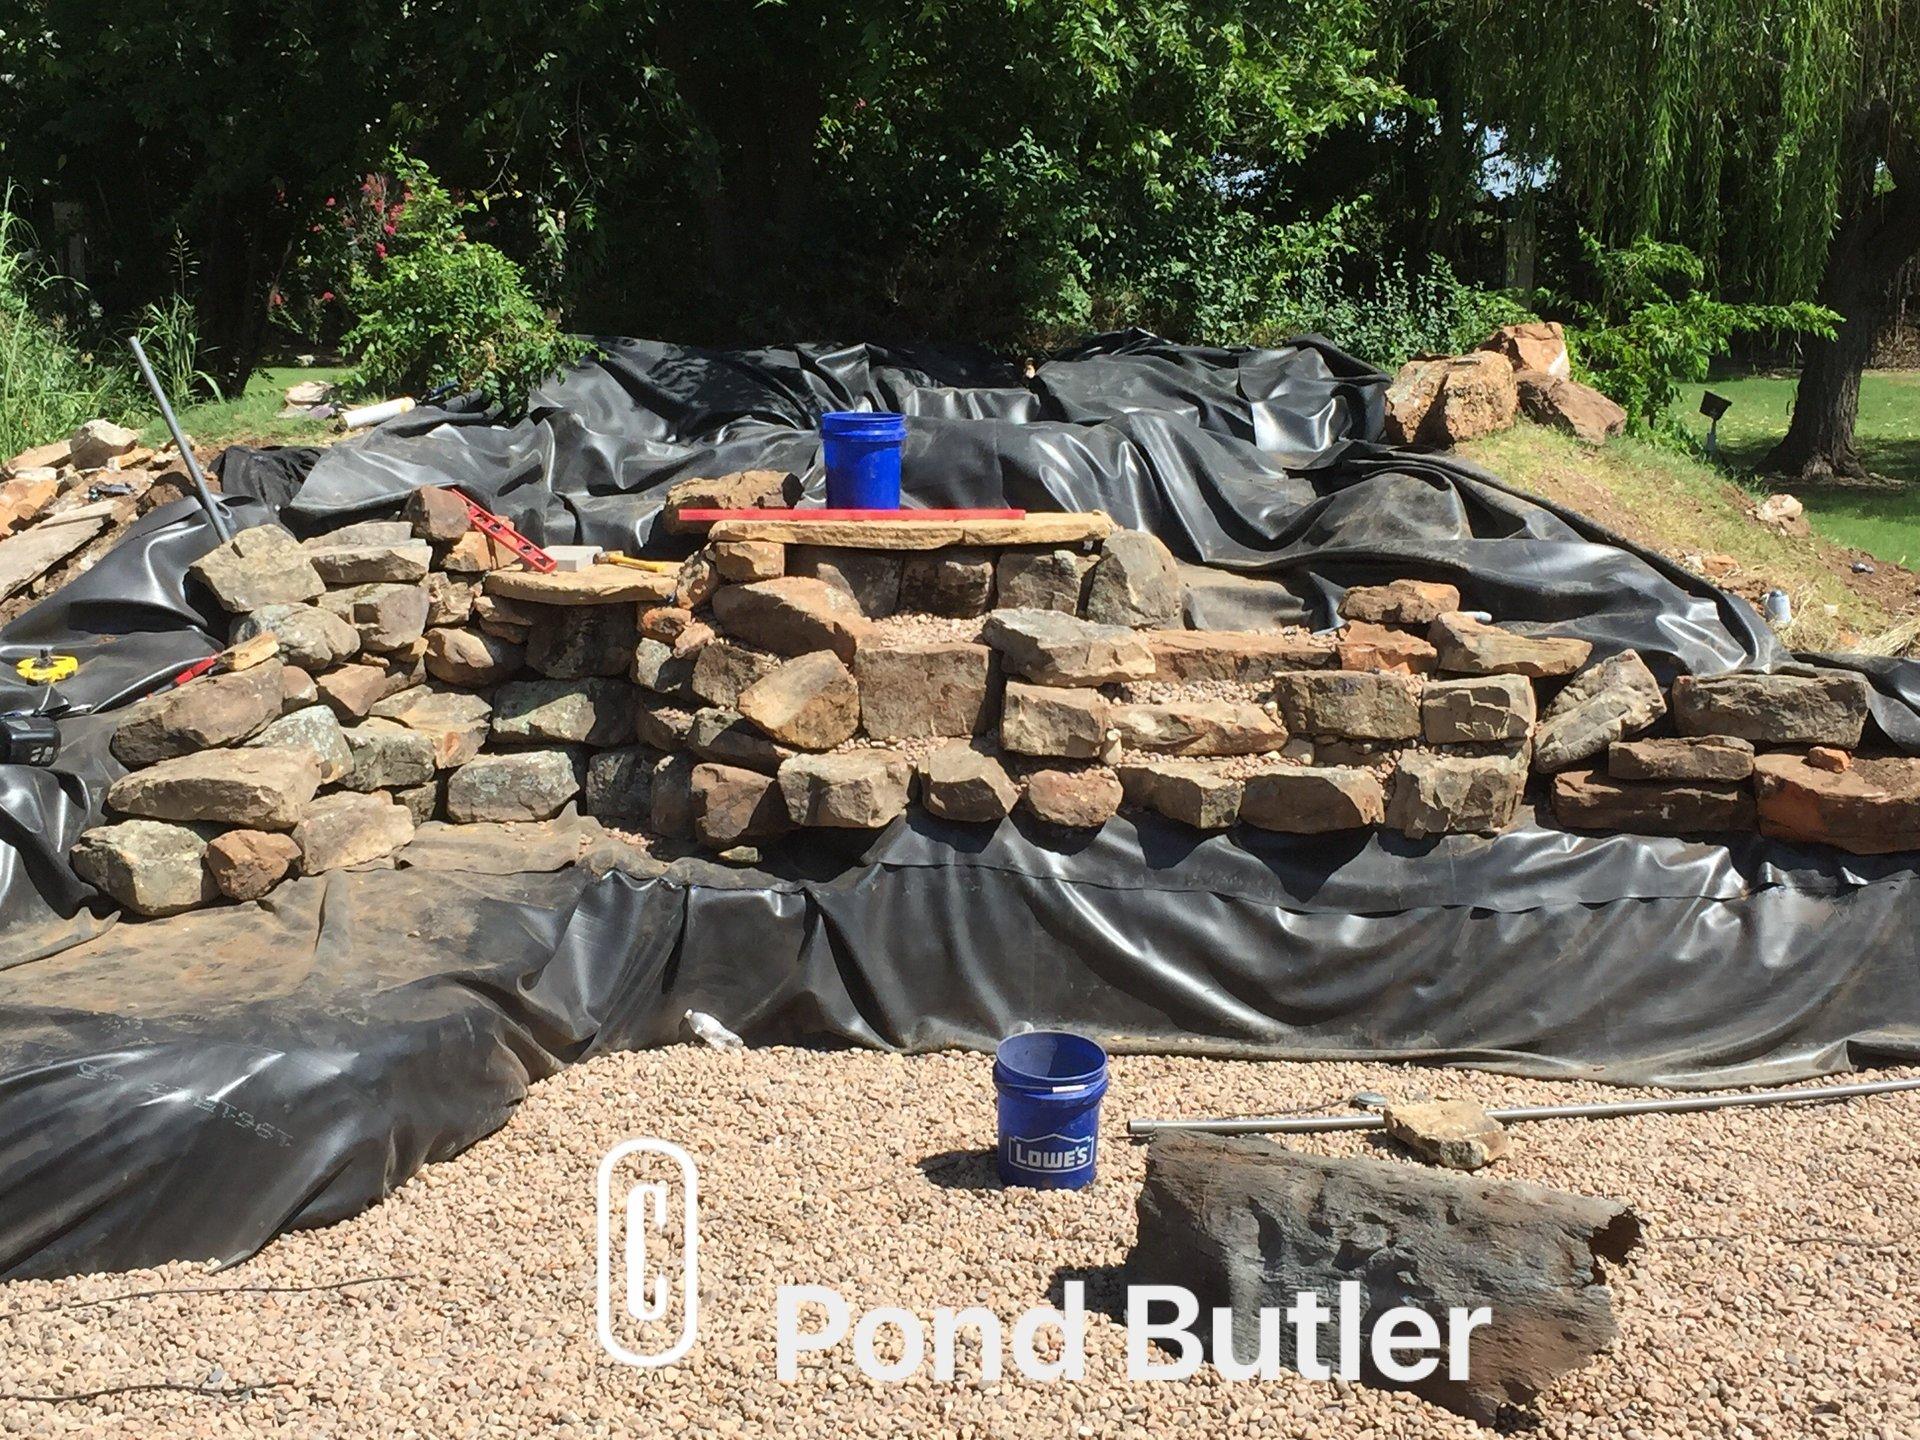 Pond Butler image 7